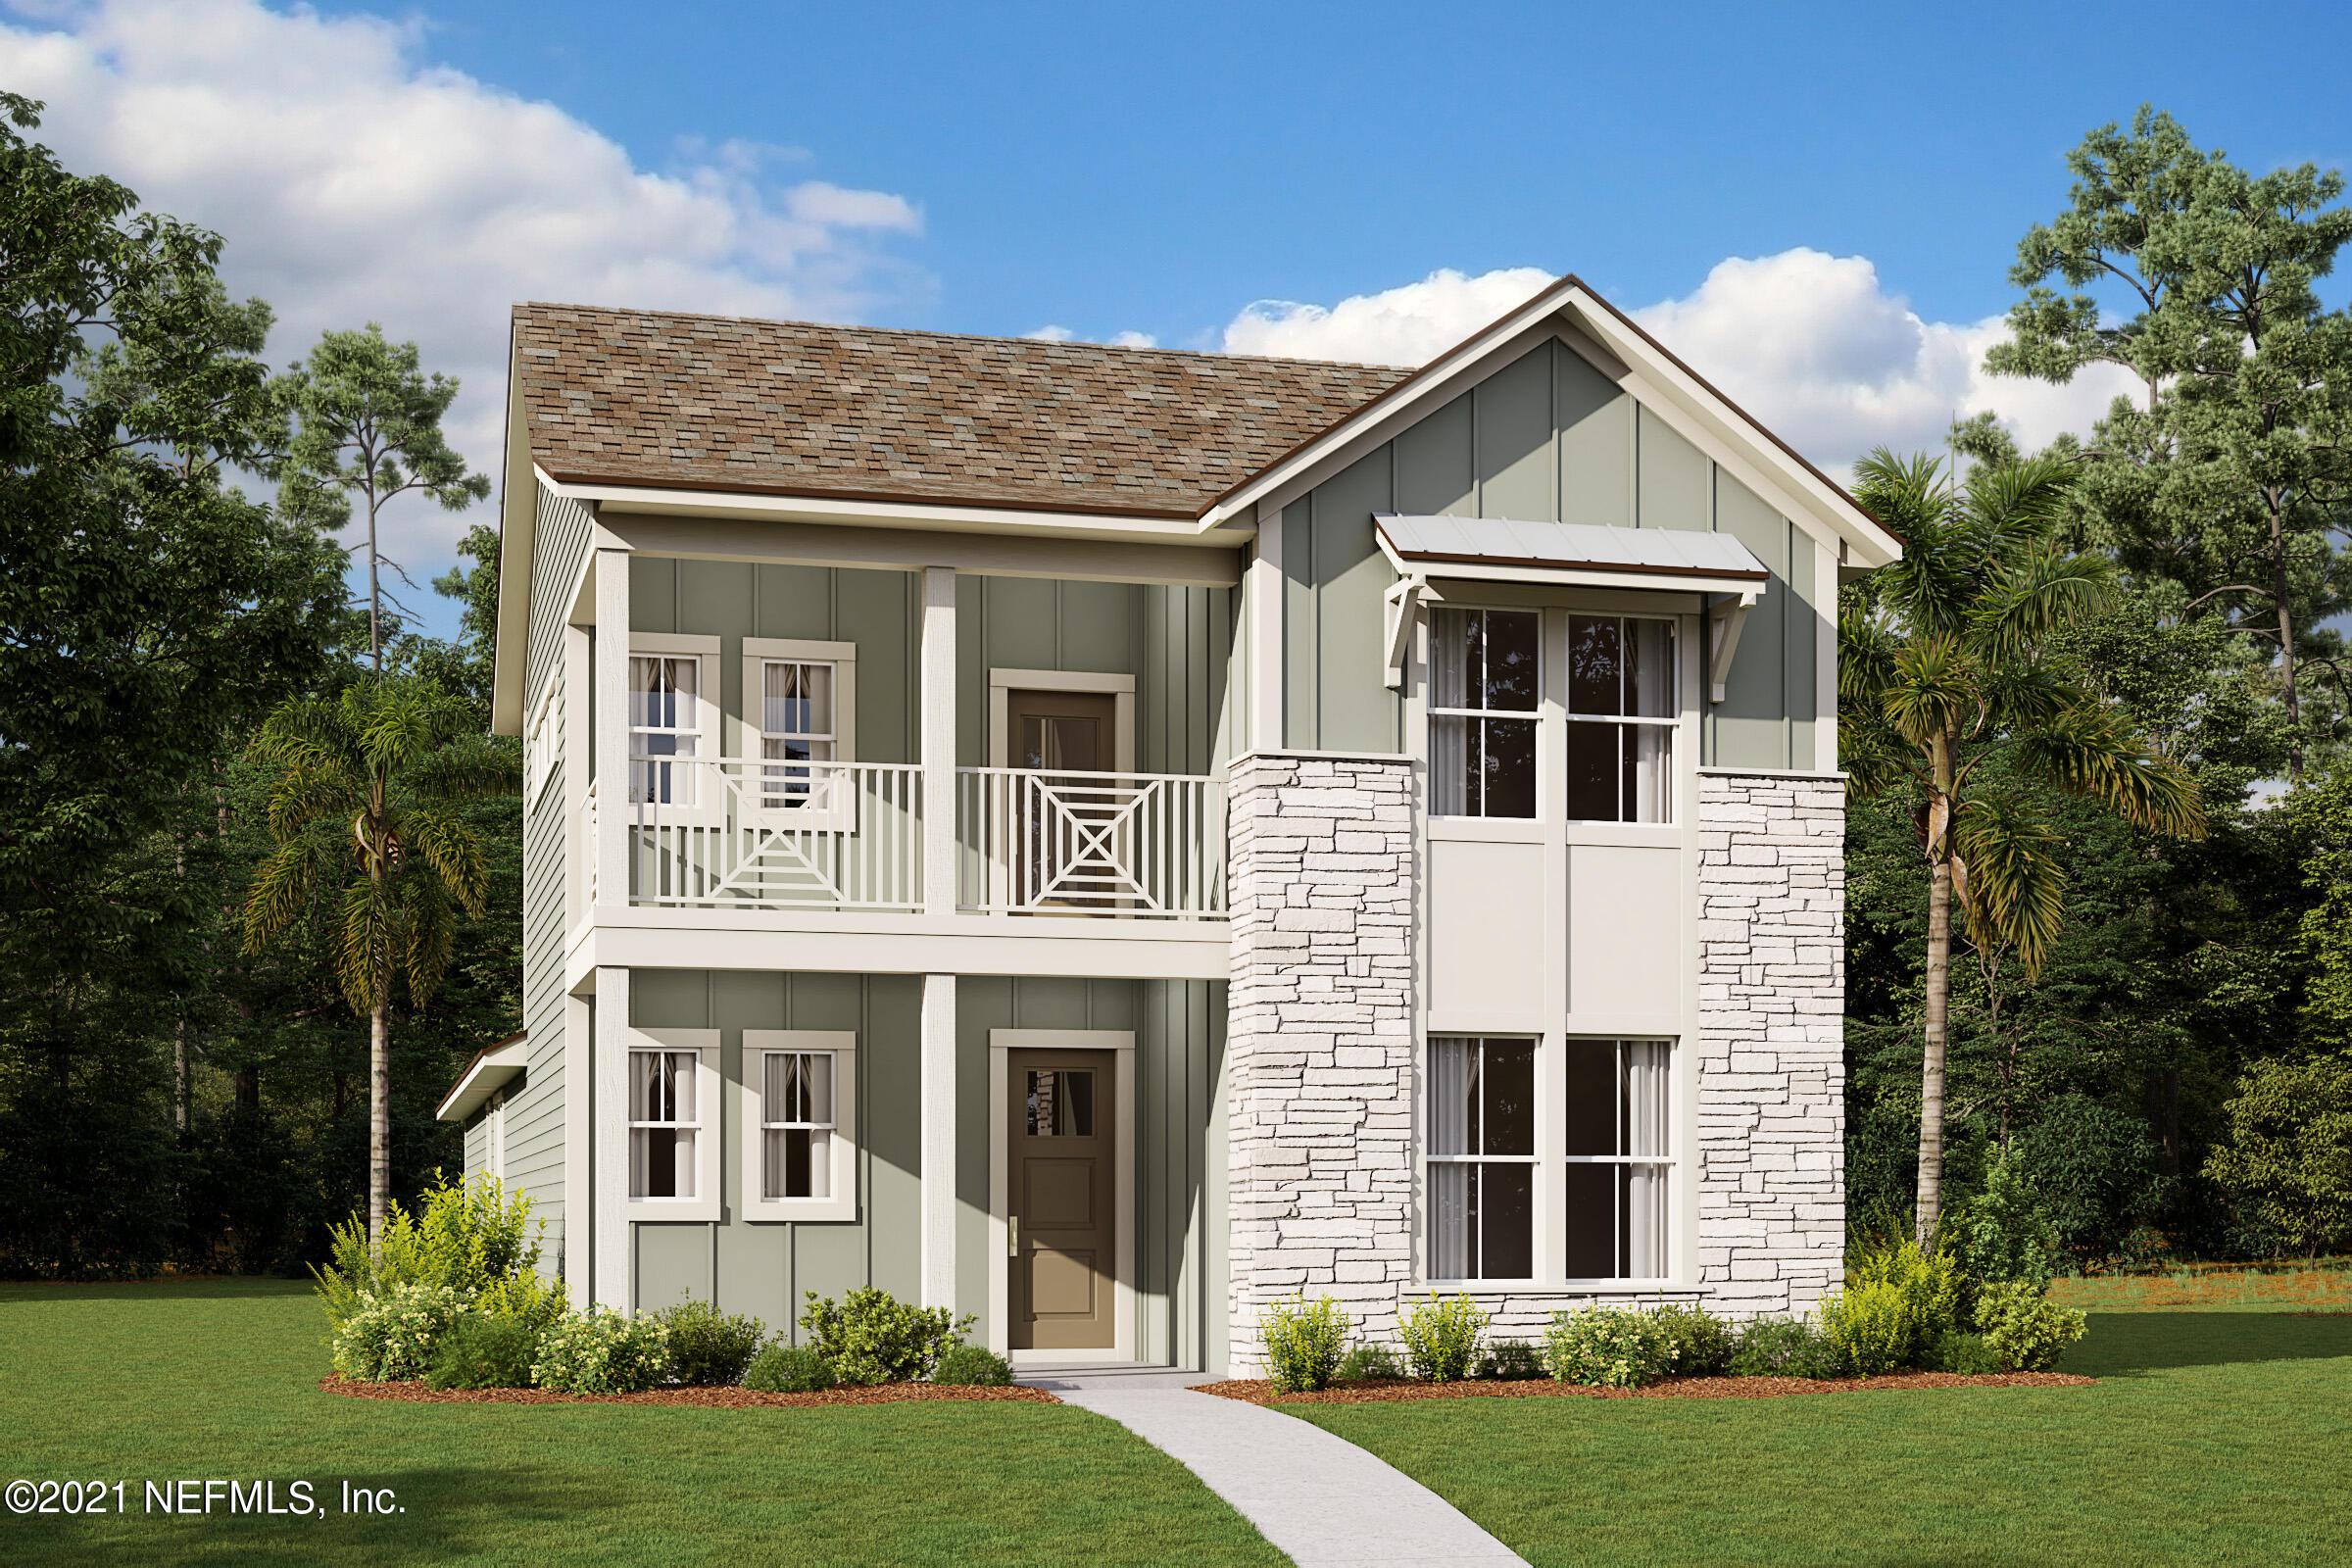 Details for 85 Park Center Ave, PONTE VEDRA, FL 32081